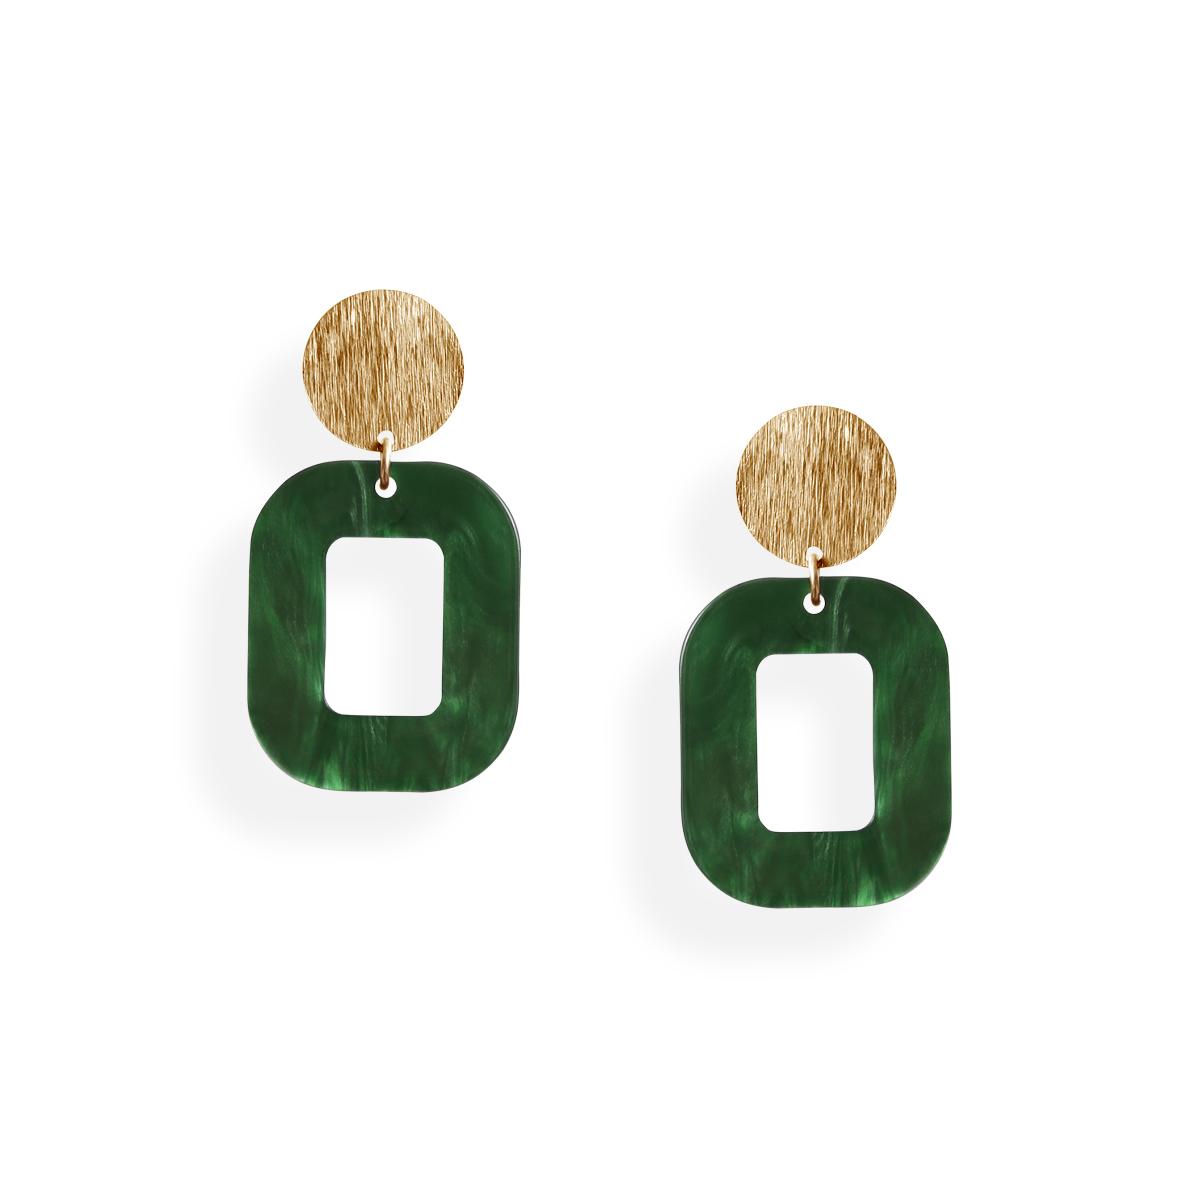 skovgrøn-baby-rosa-øreringe-persuede-store-jewellery-københavn-forgyldt-sølv.jpg